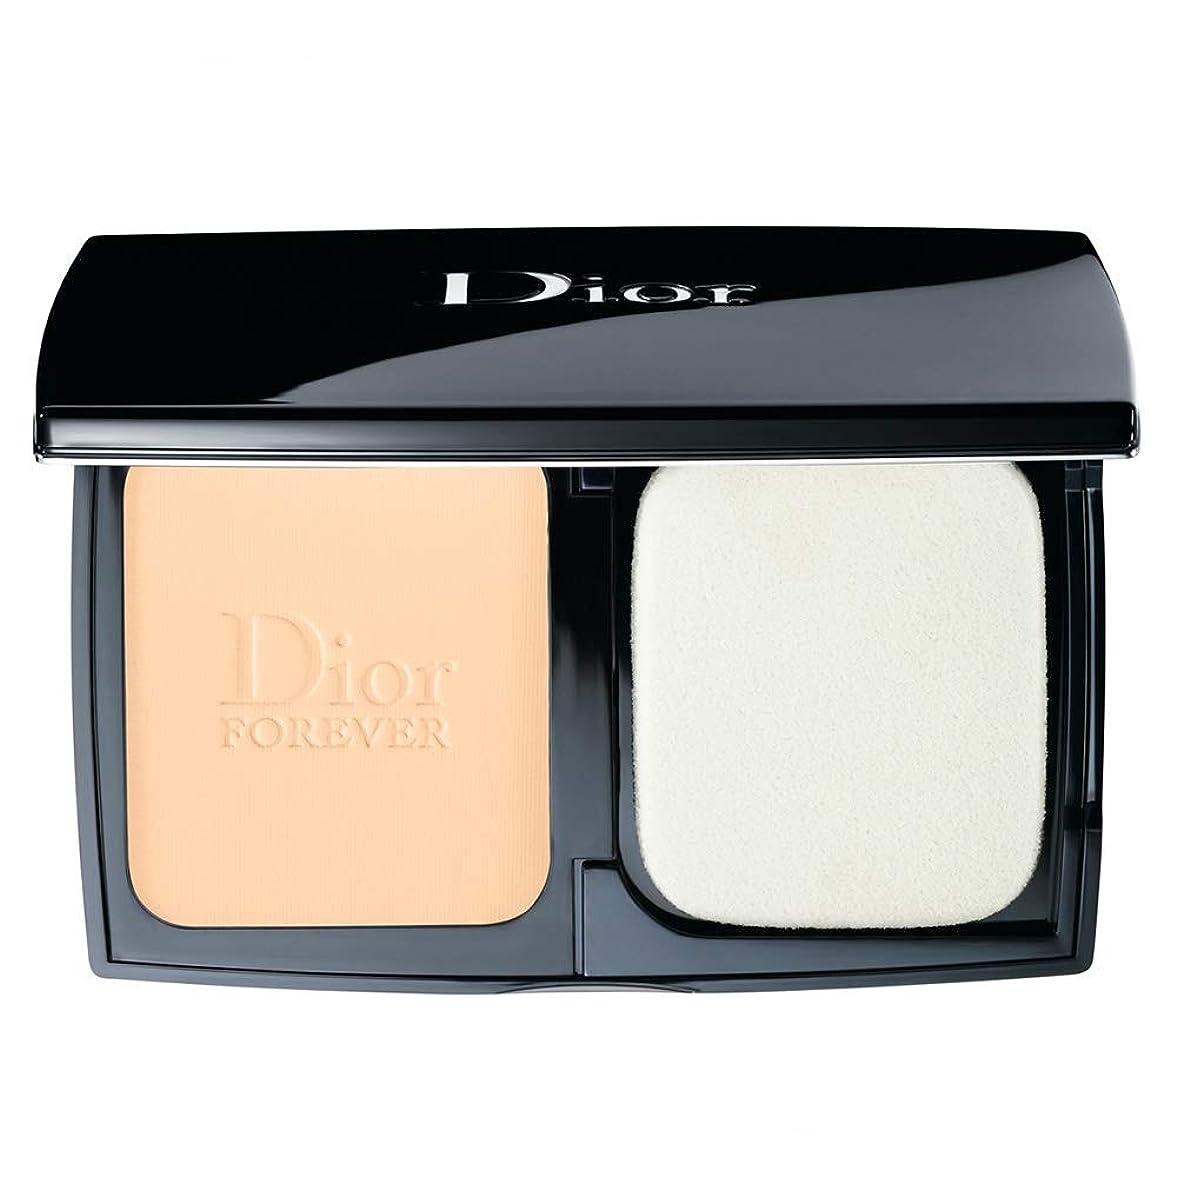 涙スポーツをする繰り返すクリスチャンディオール Diorskin Forever Extreme Control Perfect Matte Powder Makeup SPF 20 - # 010 Ivory 9g/0.31oz並行輸入品